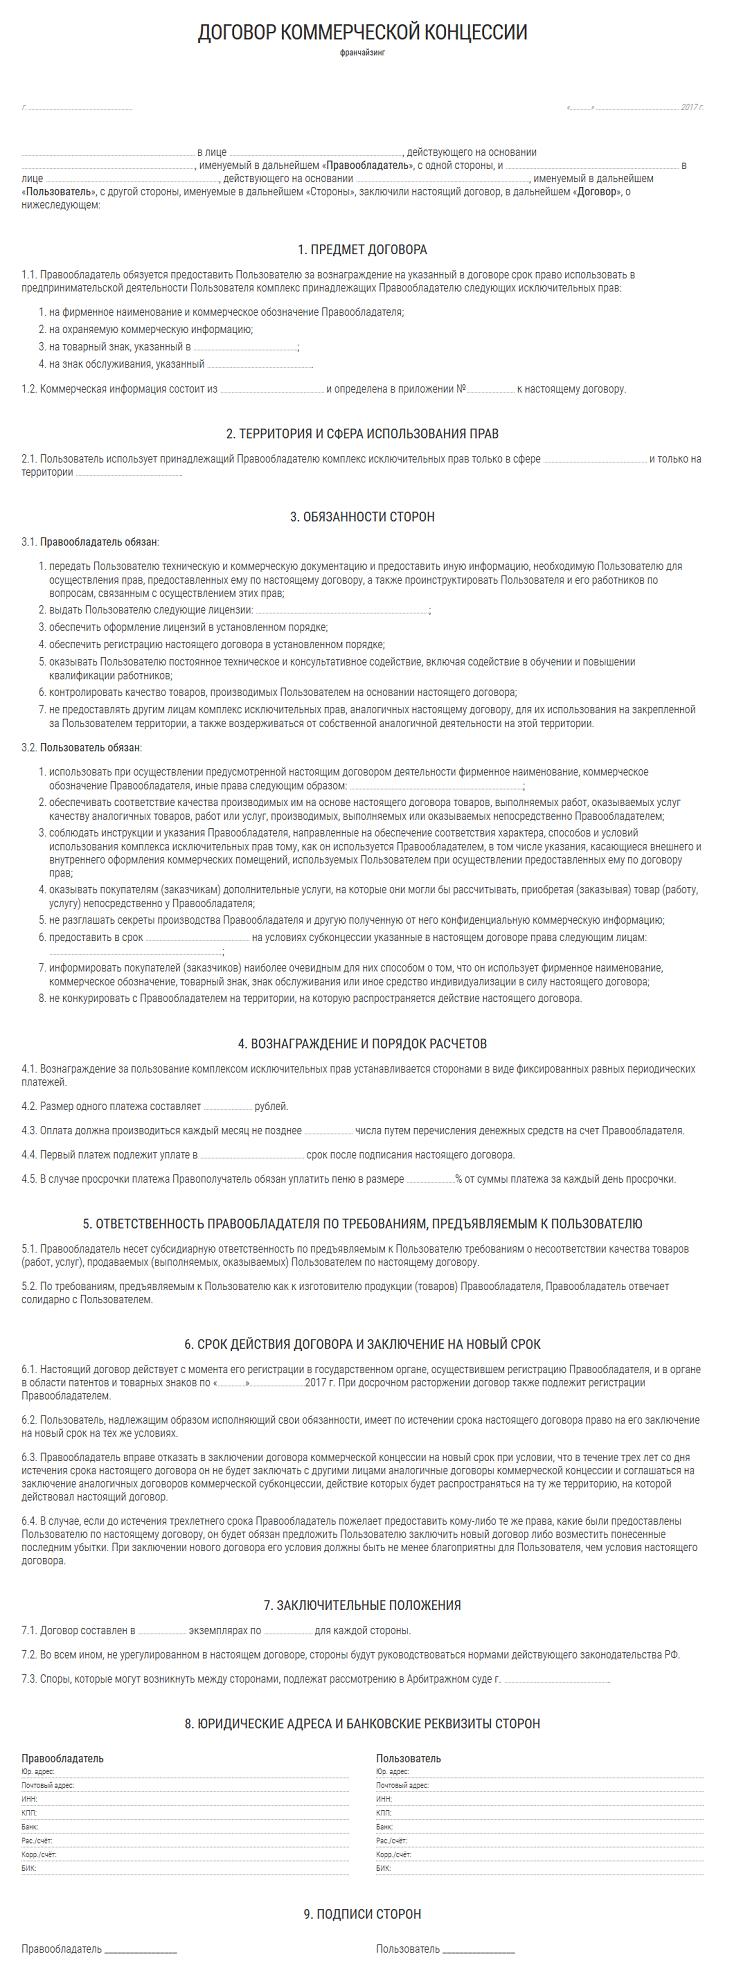 Образец договора коммерческой концессии